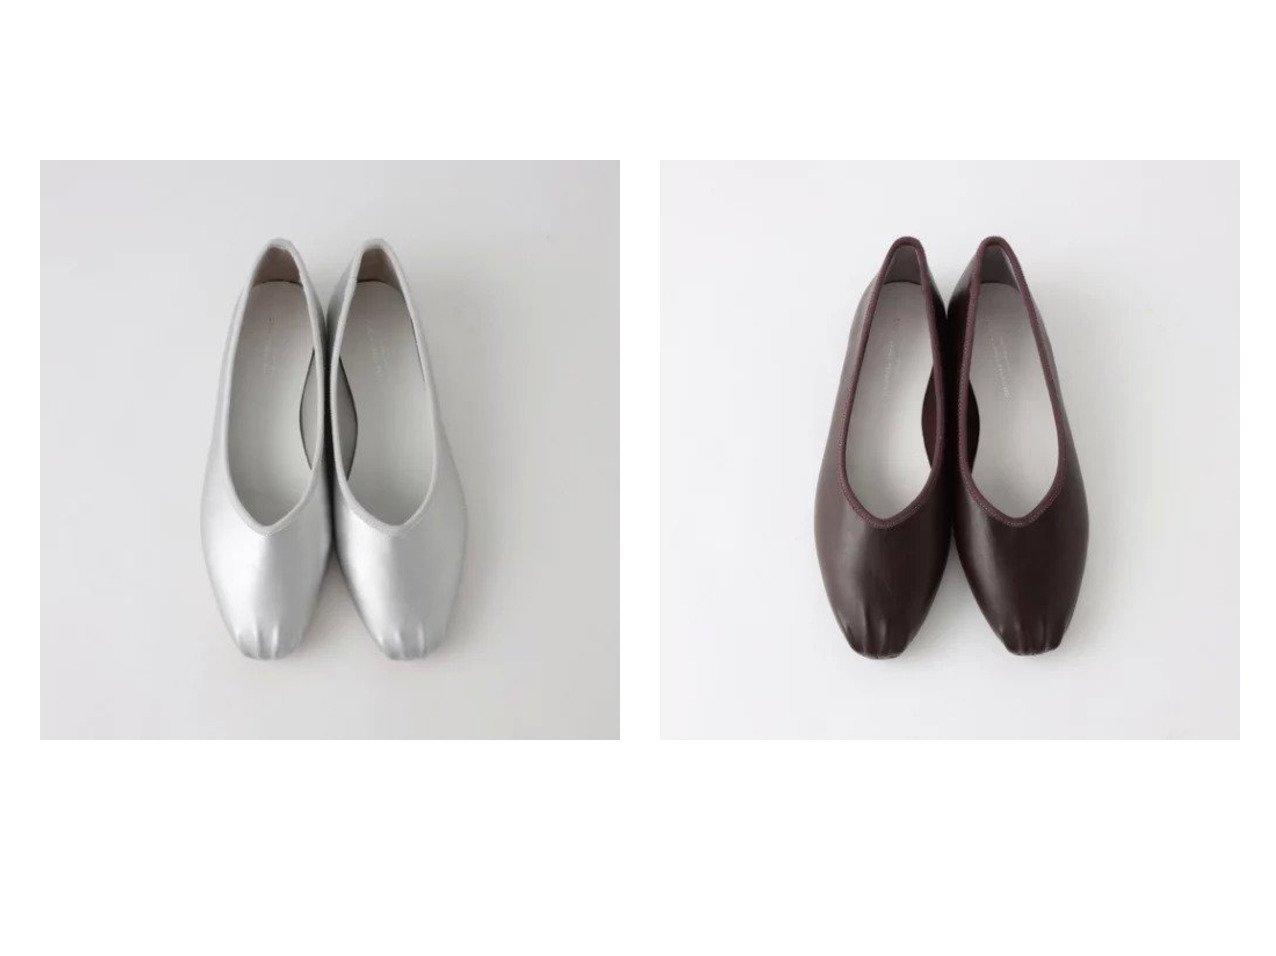 【green label relaxing / UNITED ARROWS/グリーンレーベル リラクシング / ユナイテッドアローズ】のSC スクエア フラット レインシューズ 【シューズ・靴】おすすめ!人気トレンド・レディースファッション通販 おすすめで人気の流行・トレンド、ファッションの通販商品 インテリア・家具・メンズファッション・キッズファッション・レディースファッション・服の通販 founy(ファニー) https://founy.com/ ファッション Fashion レディースファッション WOMEN シューズ スクエア バレエ フラット |ID:crp329100000051522